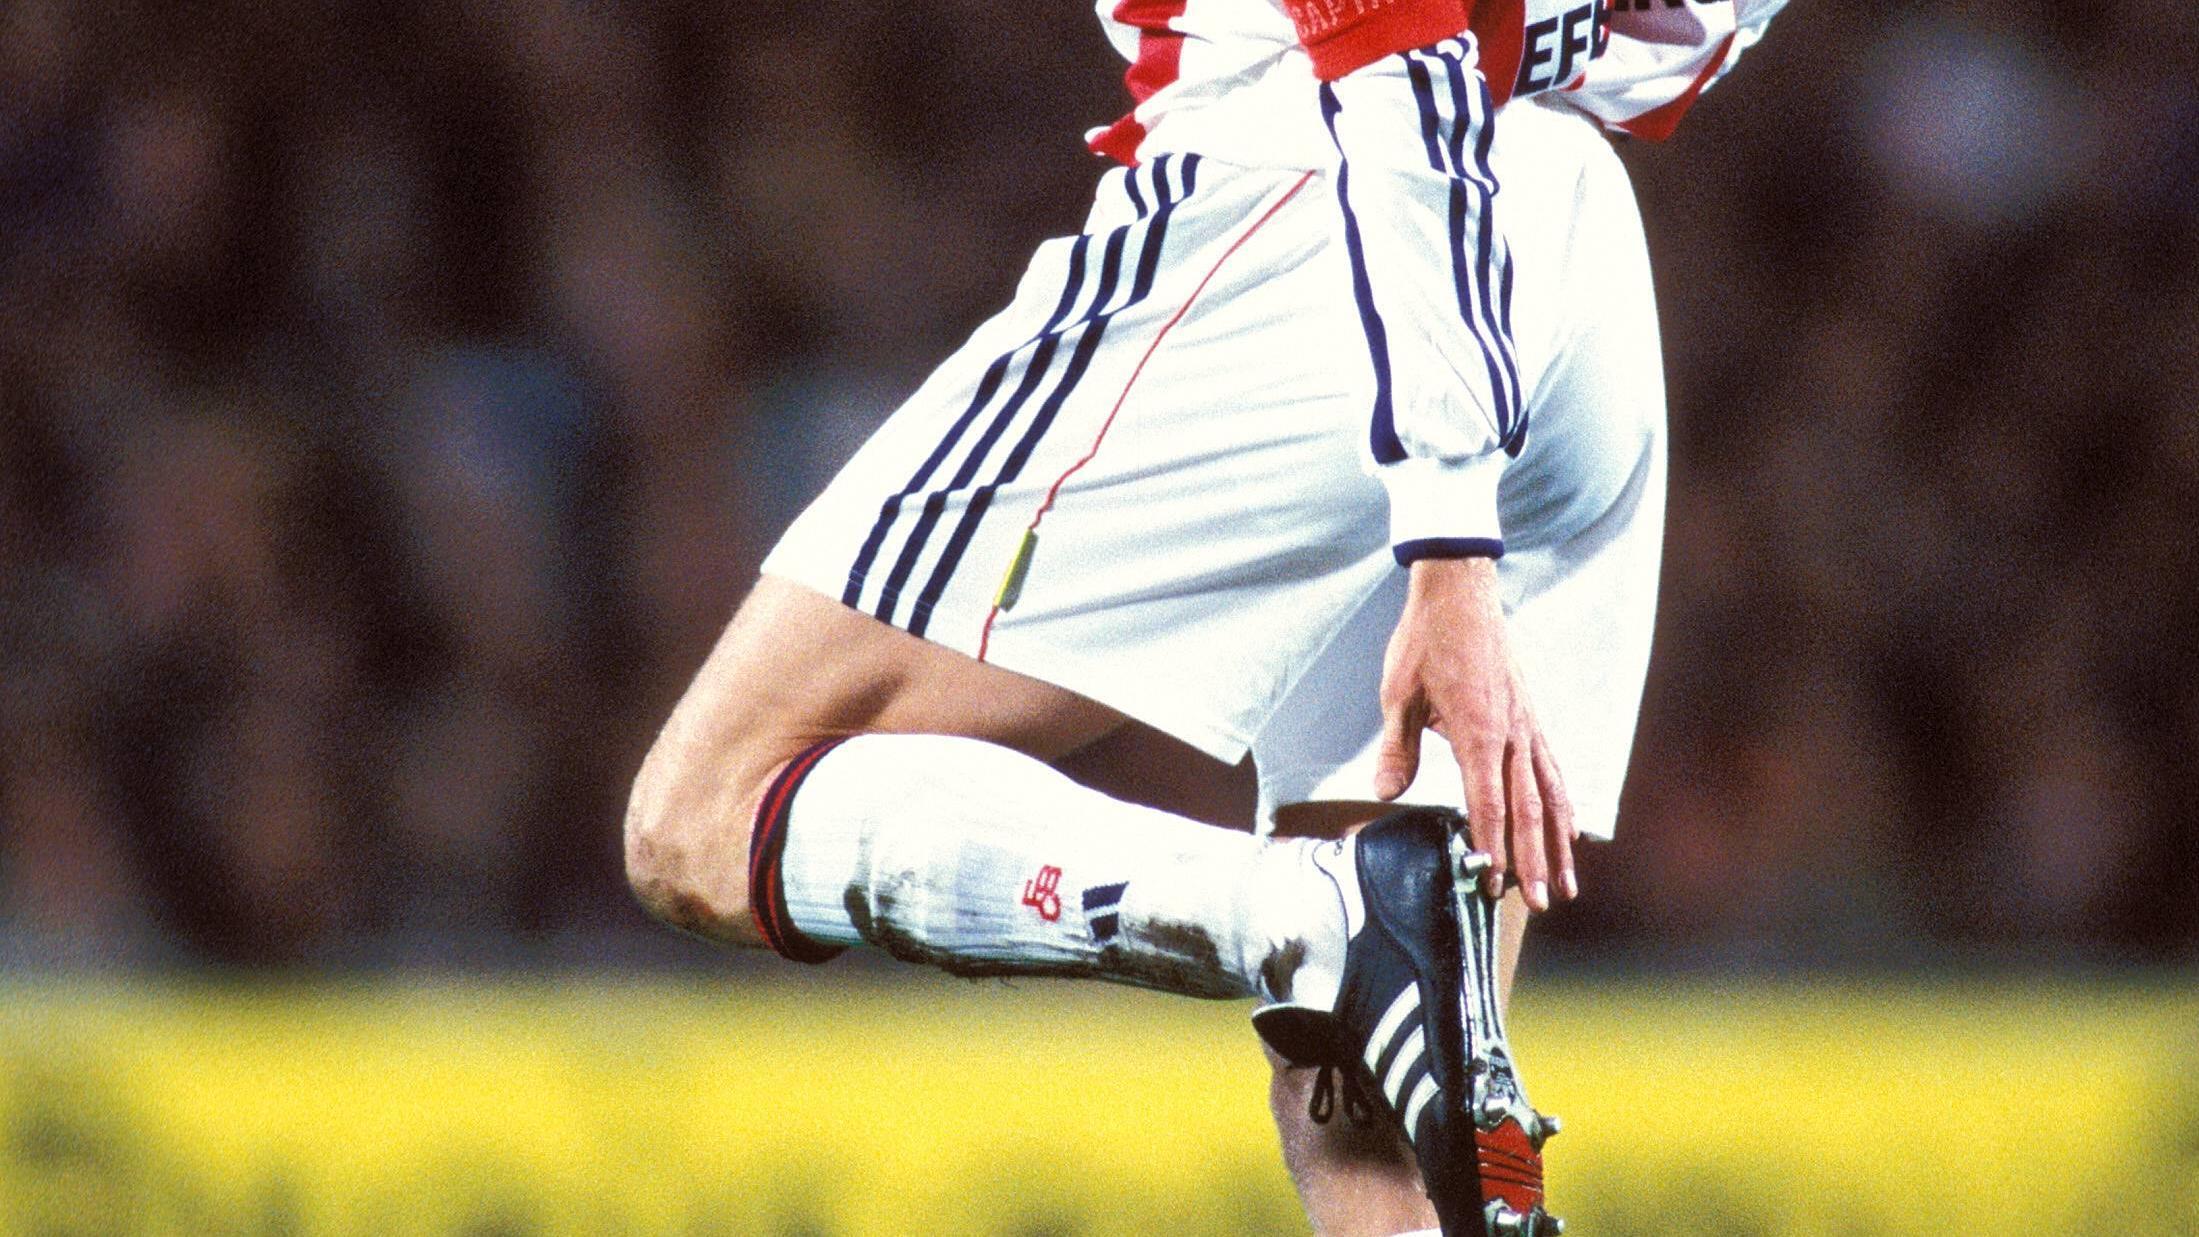 Um die Beine zu dehnen, können Sie die Fersen nacheinander hochziehen.